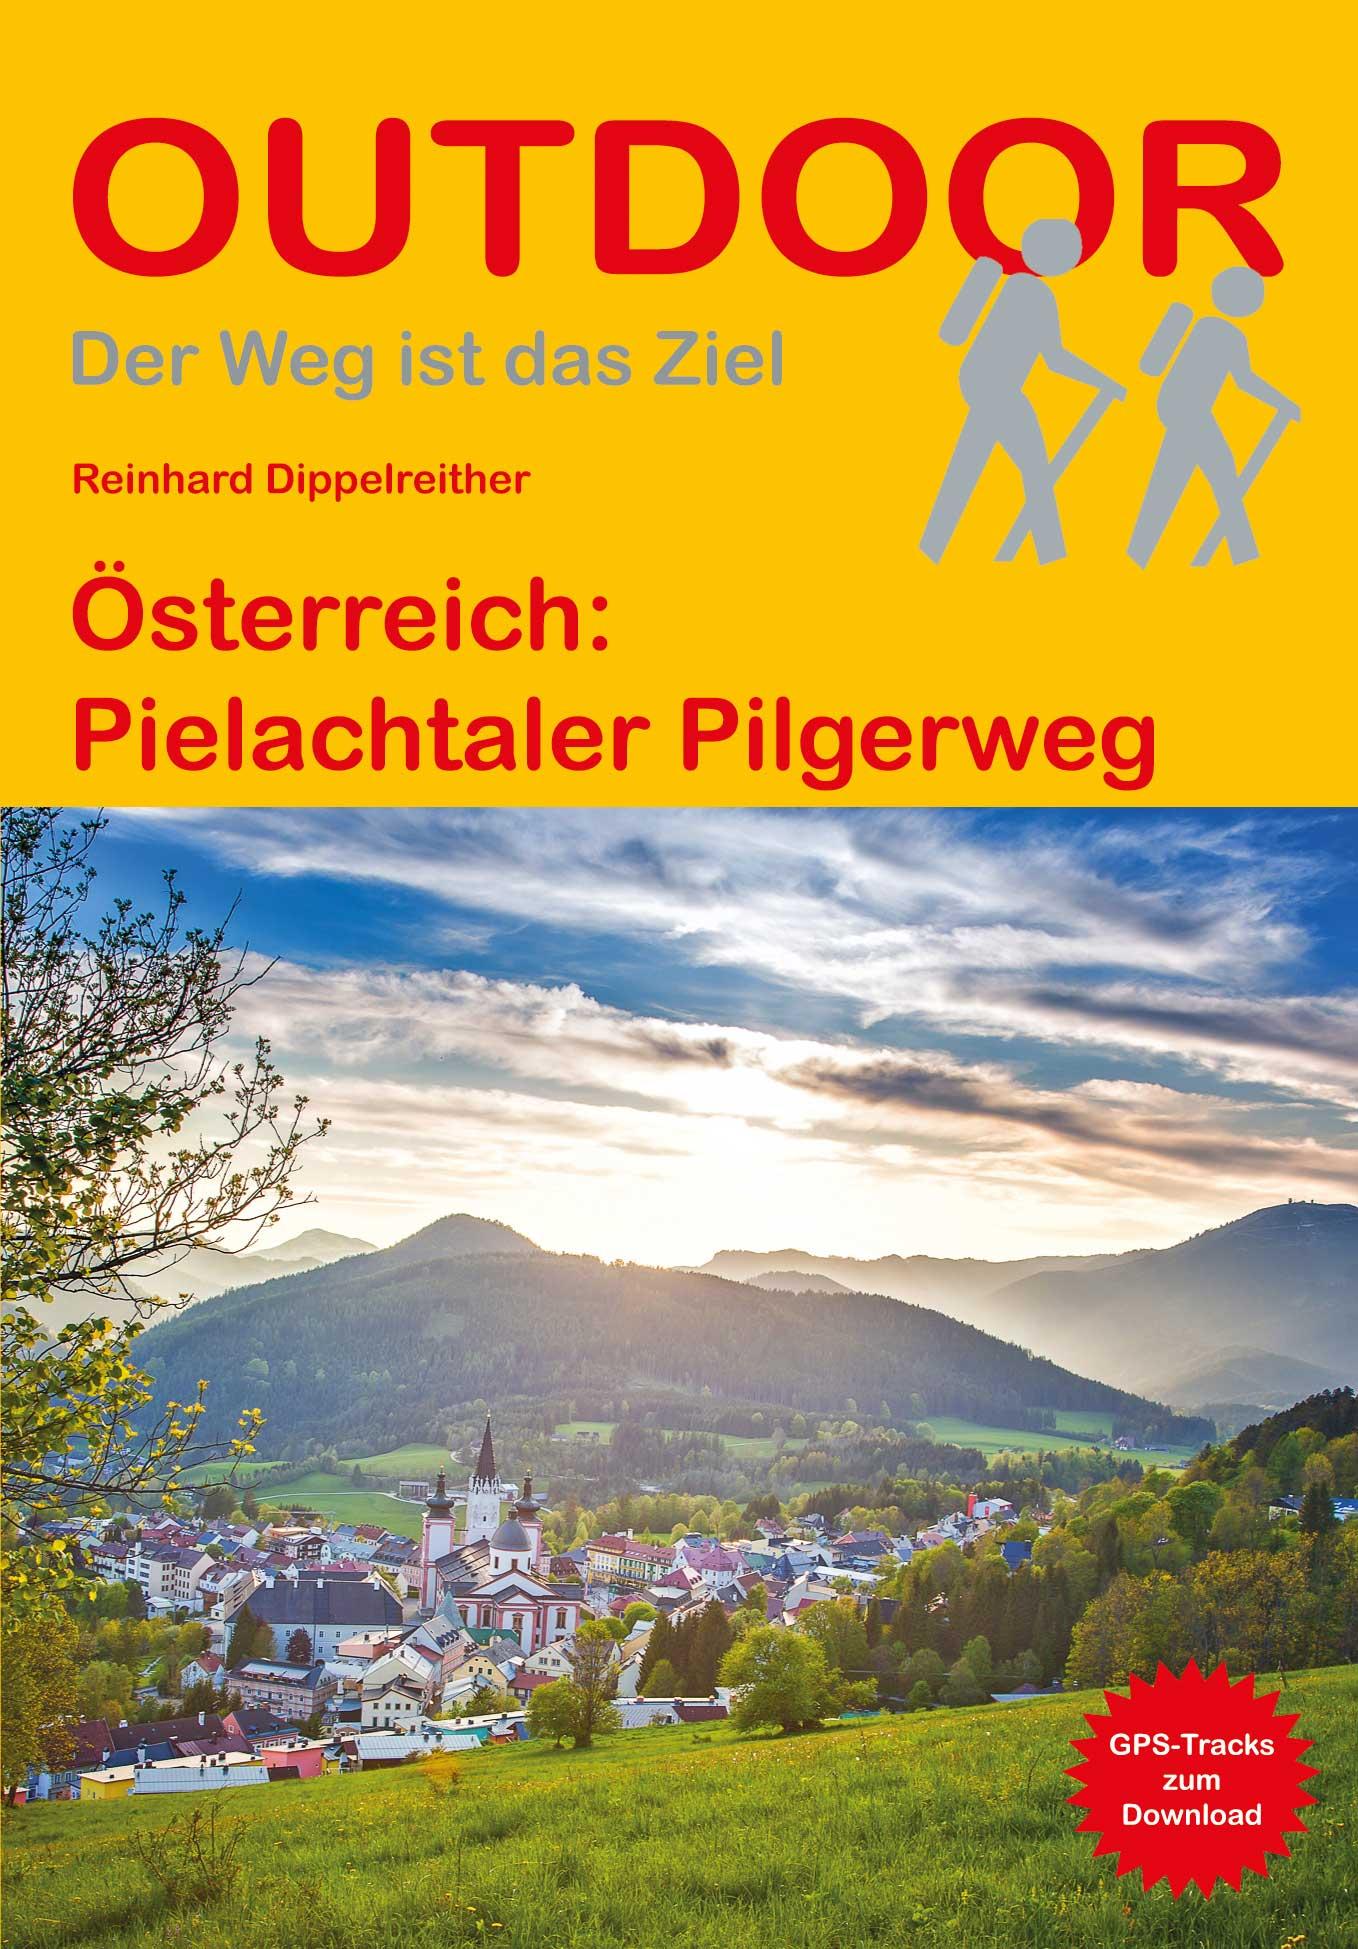 Österreich: Pielachtaler Pilgerweg